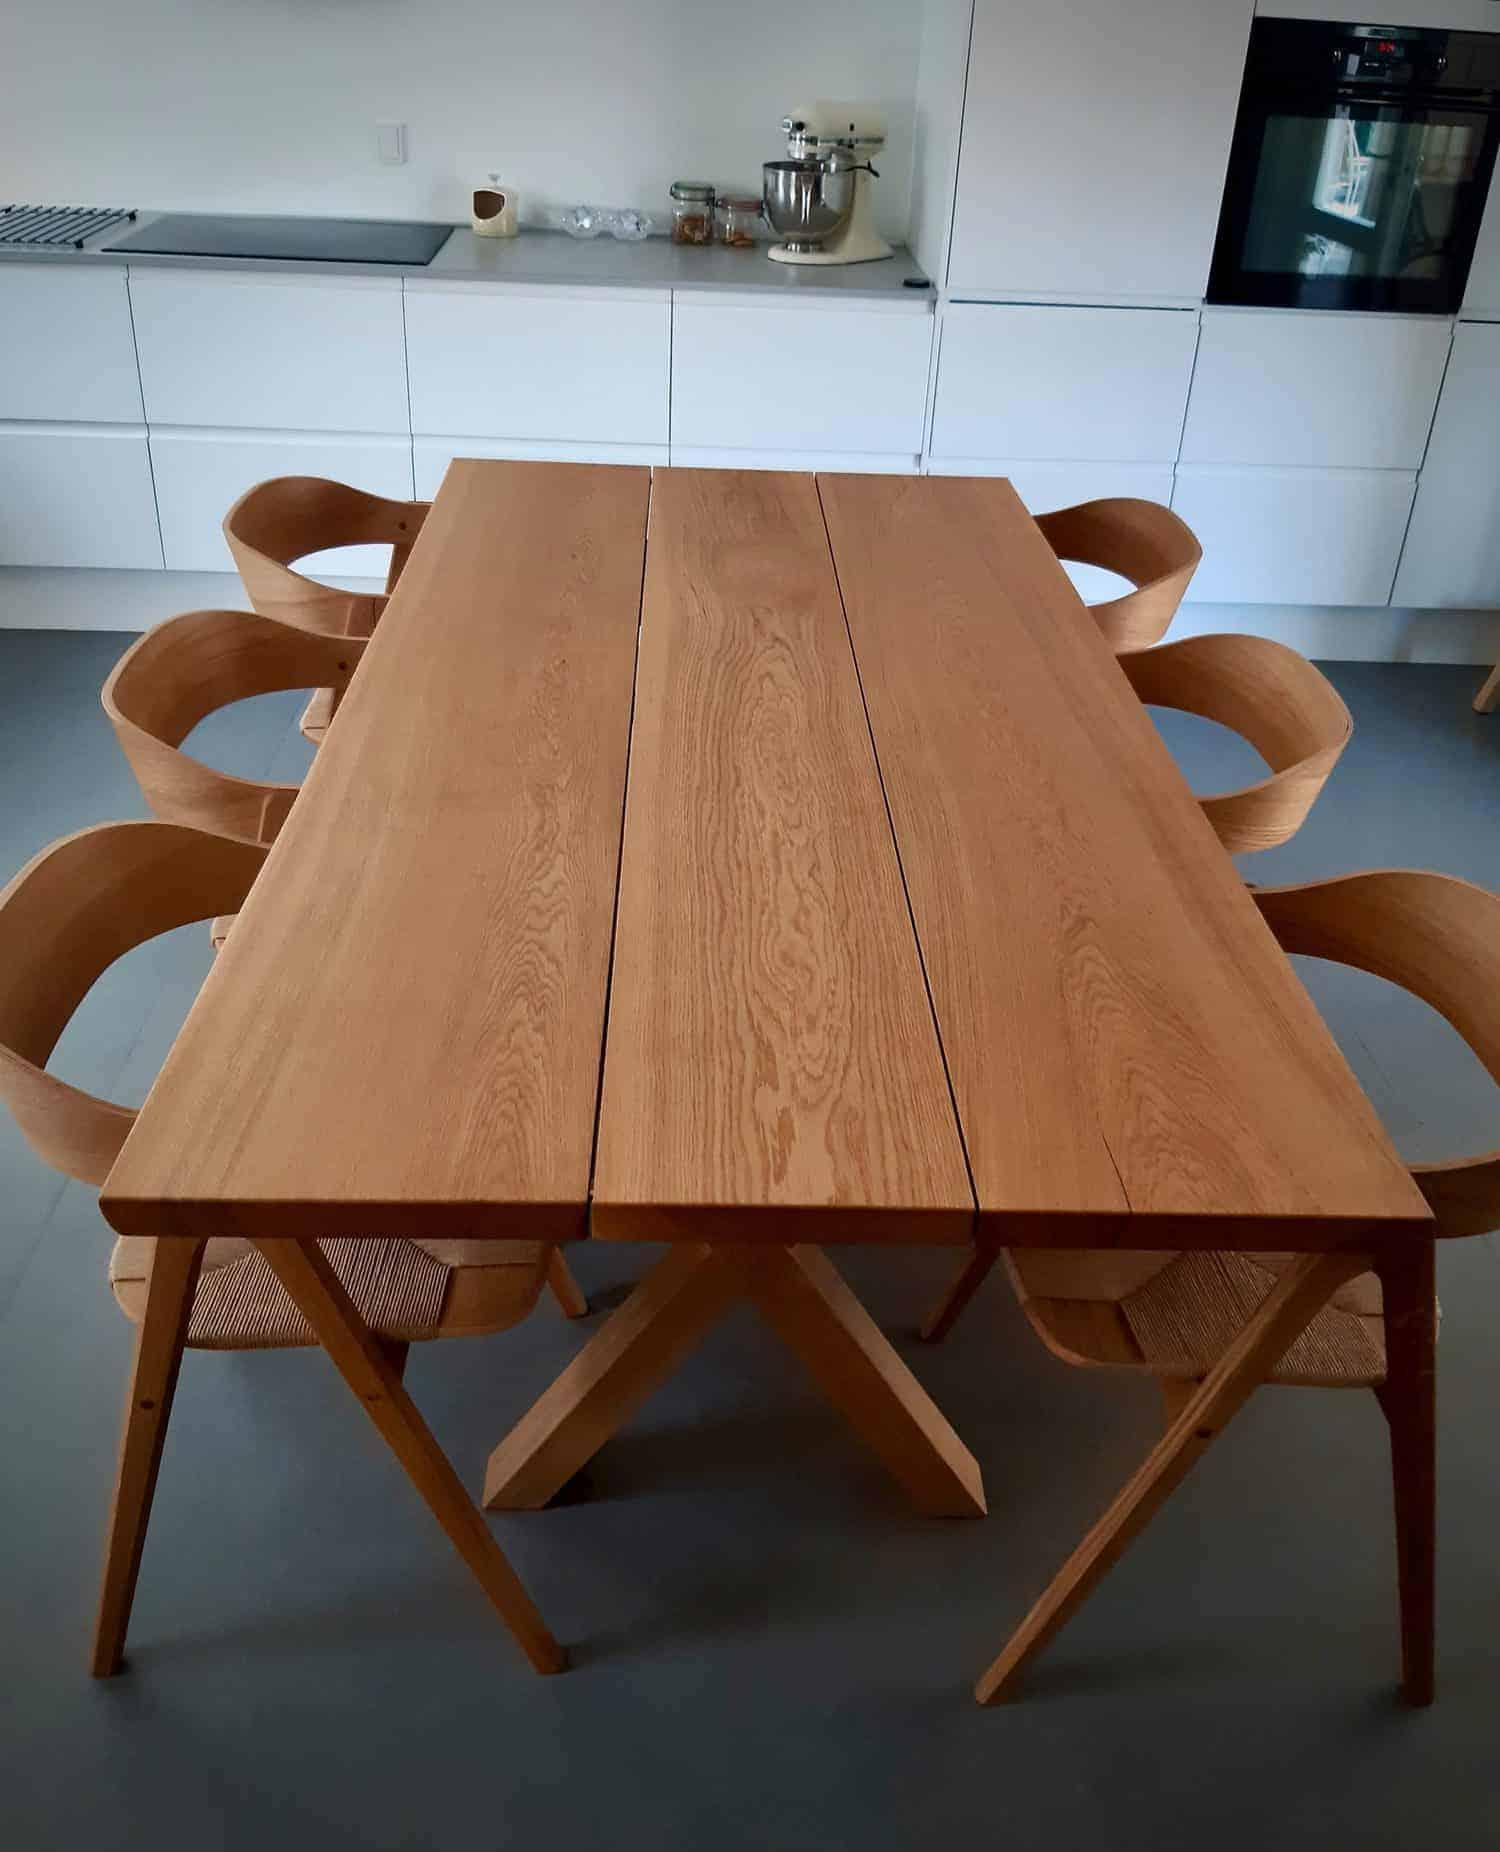 plankebord planke bord i trae Kaerbygård september 2020 9 scaled